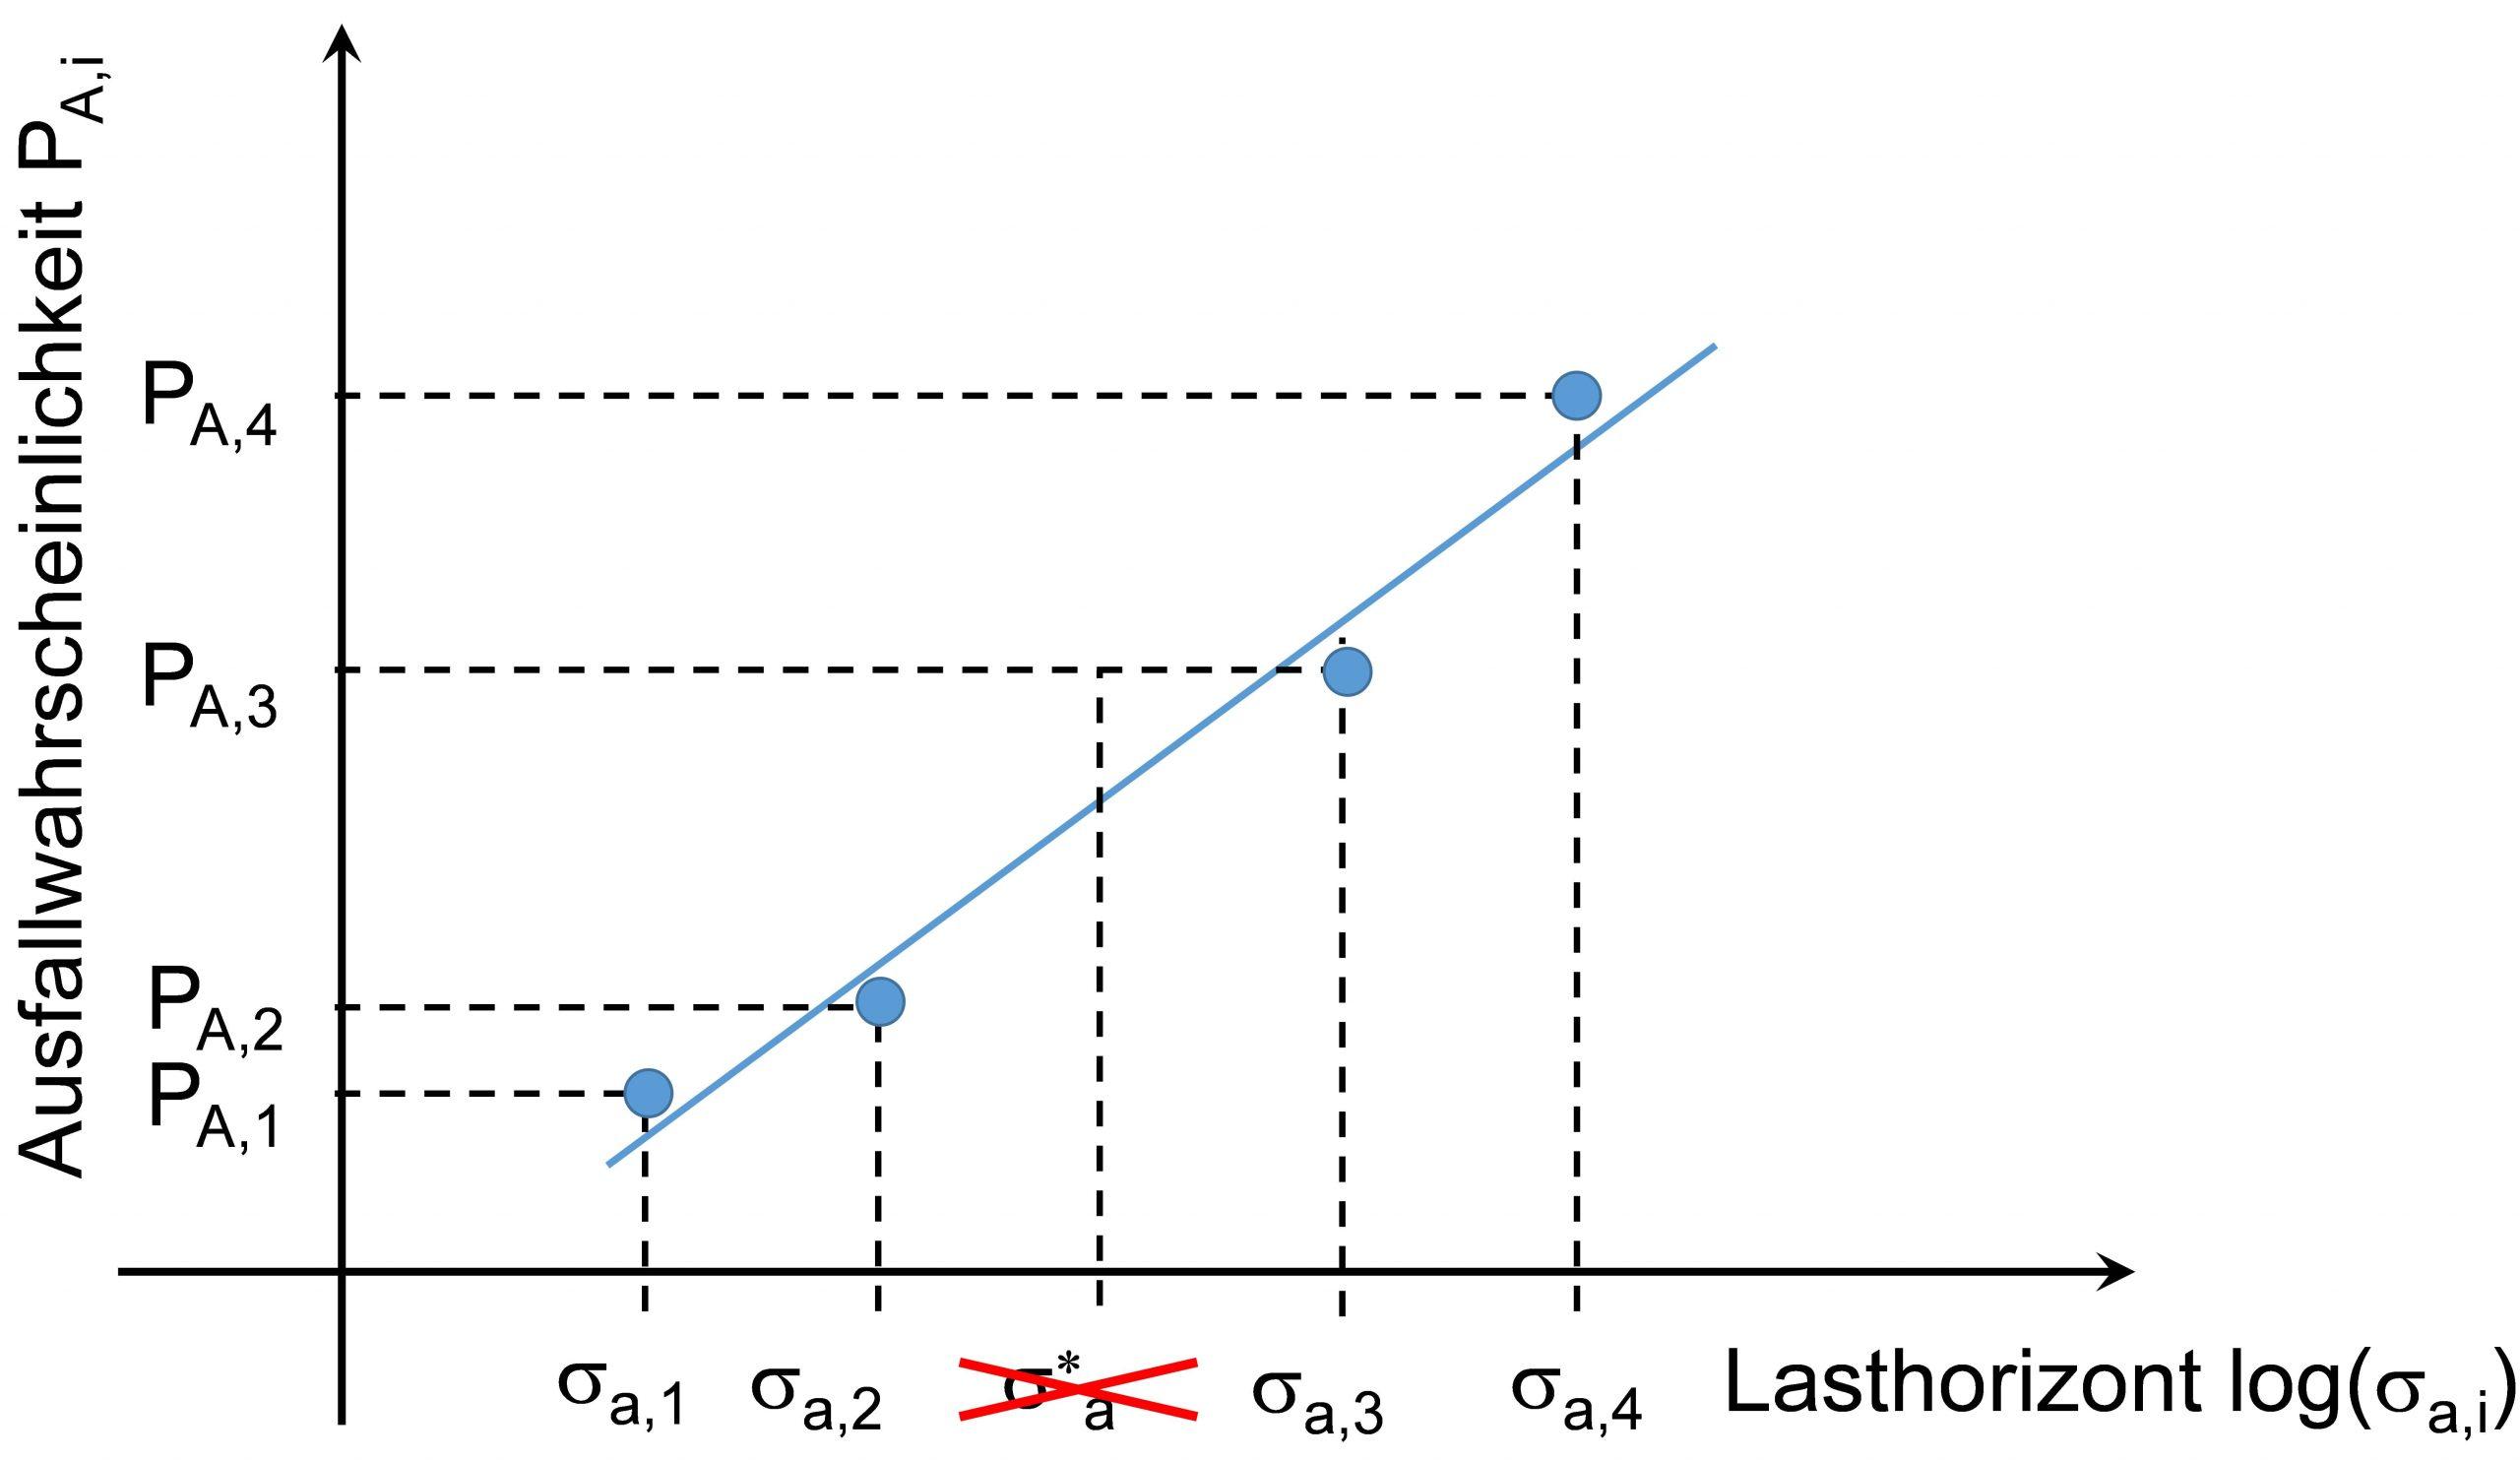 Auswertung der Dauerfestigkeit im Wahrscheinlichkeitsnetz nach dem Probit Verfahren